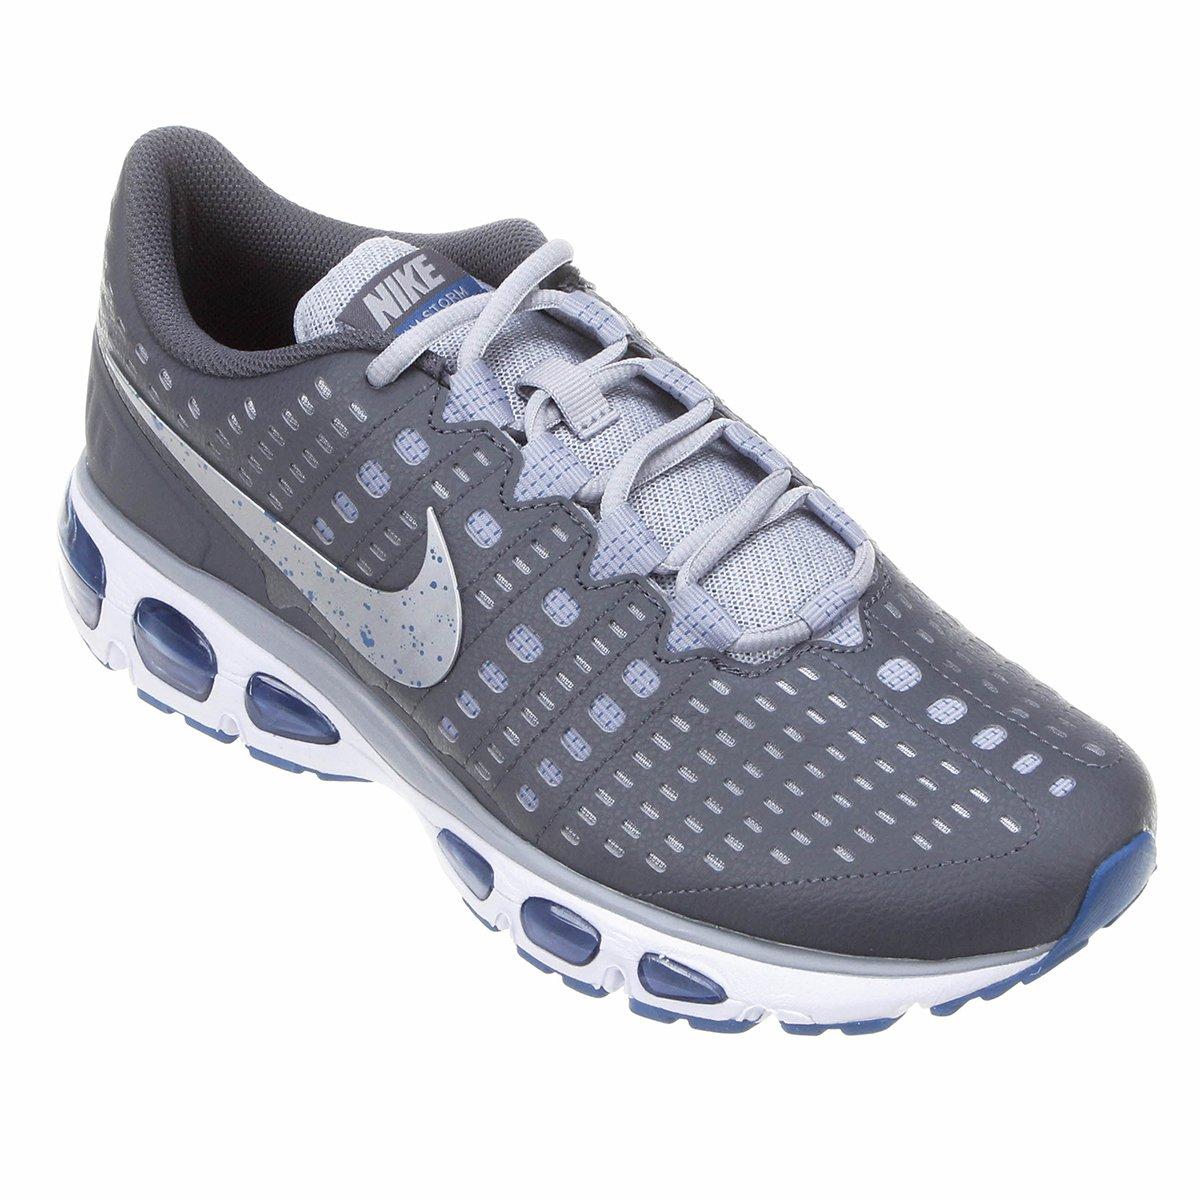 Tênis Nike Air Max Mm 400 - Compre Agora  0a063b945a320